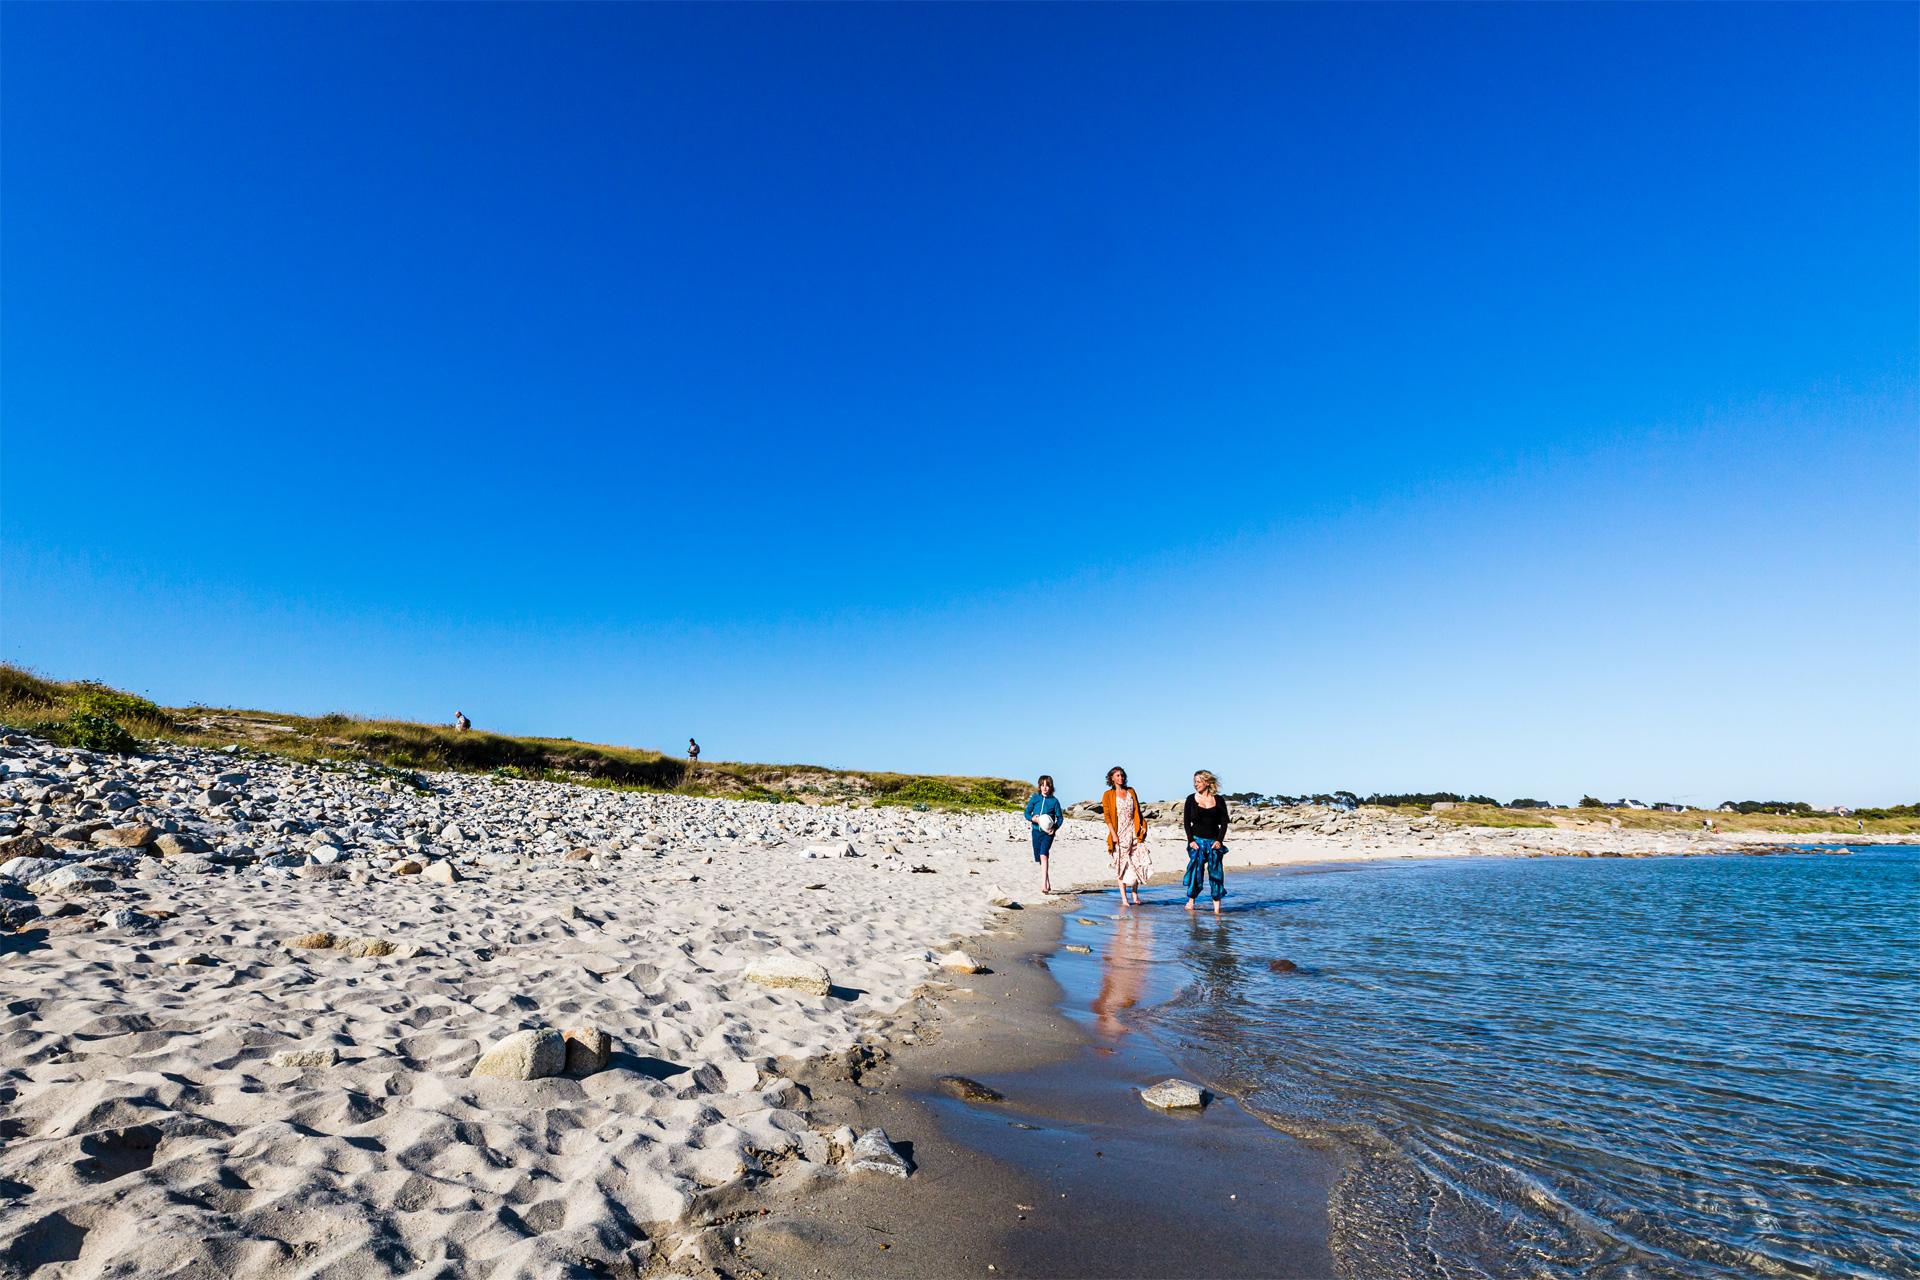 Plage île grnade, Pleumeur-Bodou